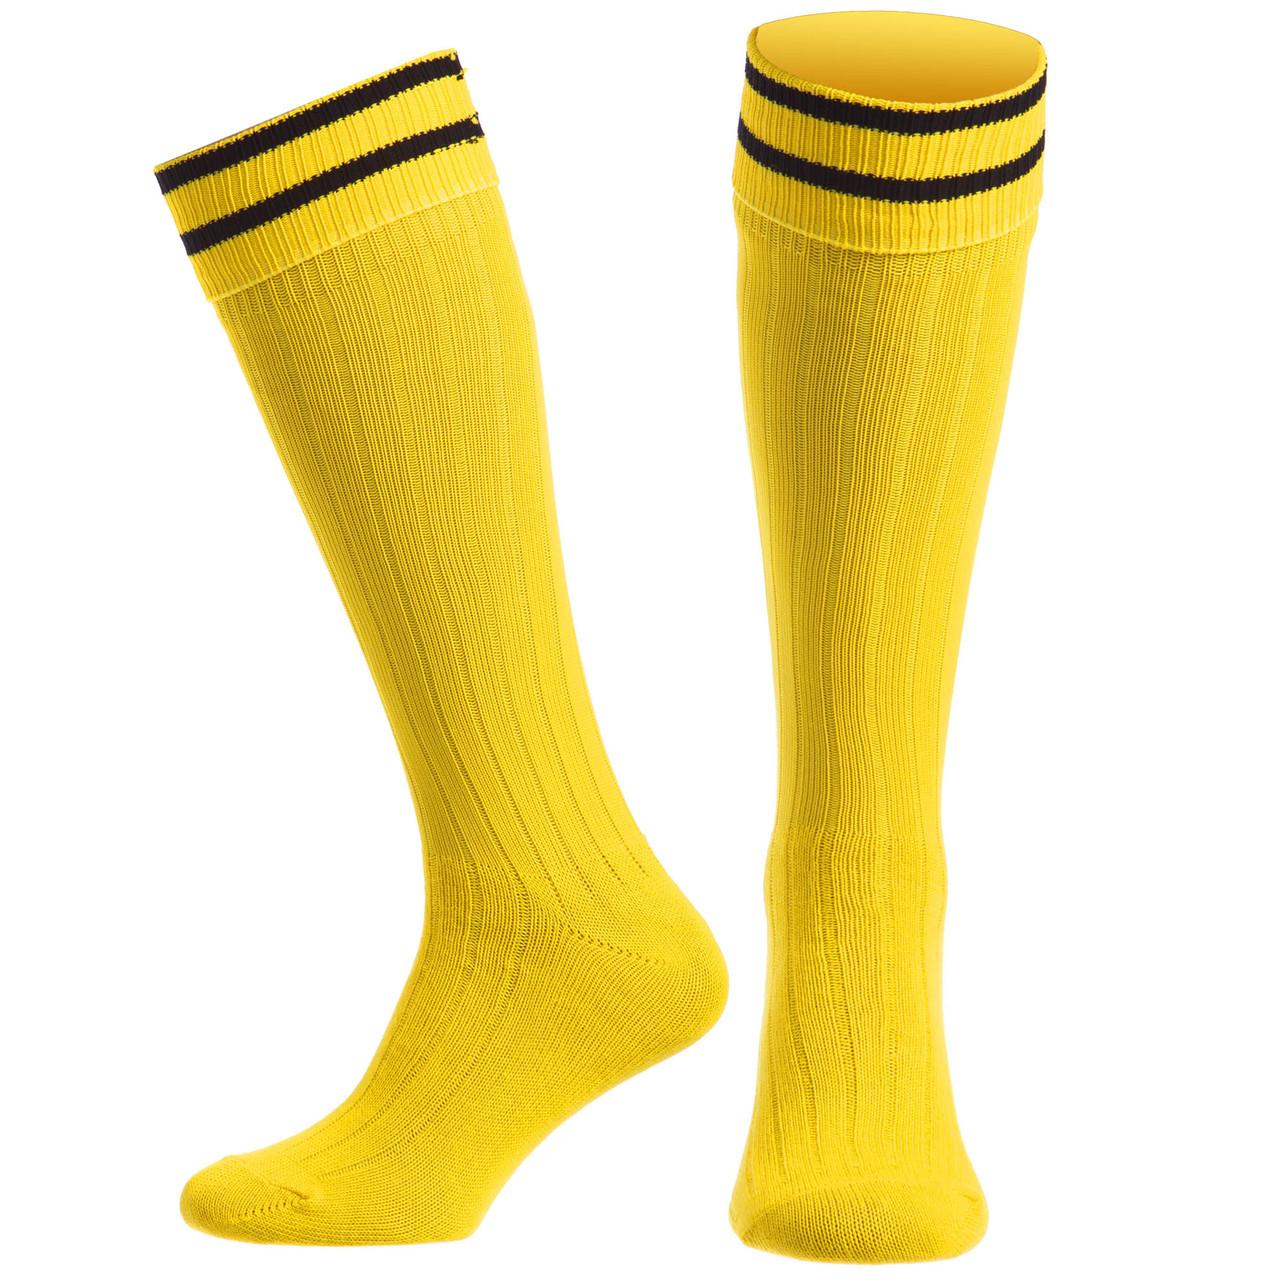 Гетры футбол мужские CO-5607-Y (хлопок, нейлон, р-р 40-45, жёлтый)